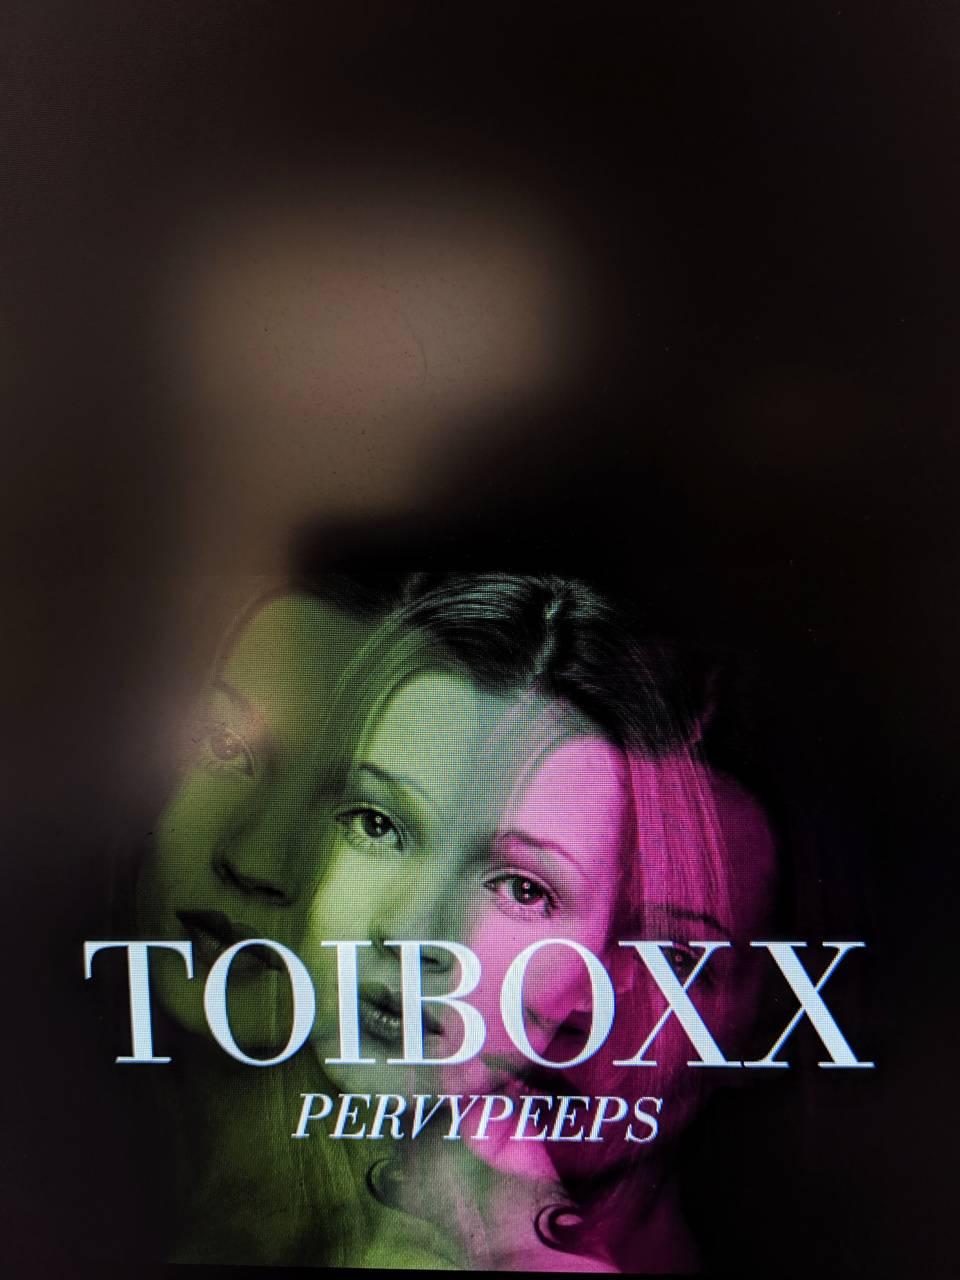 TOIBOXX